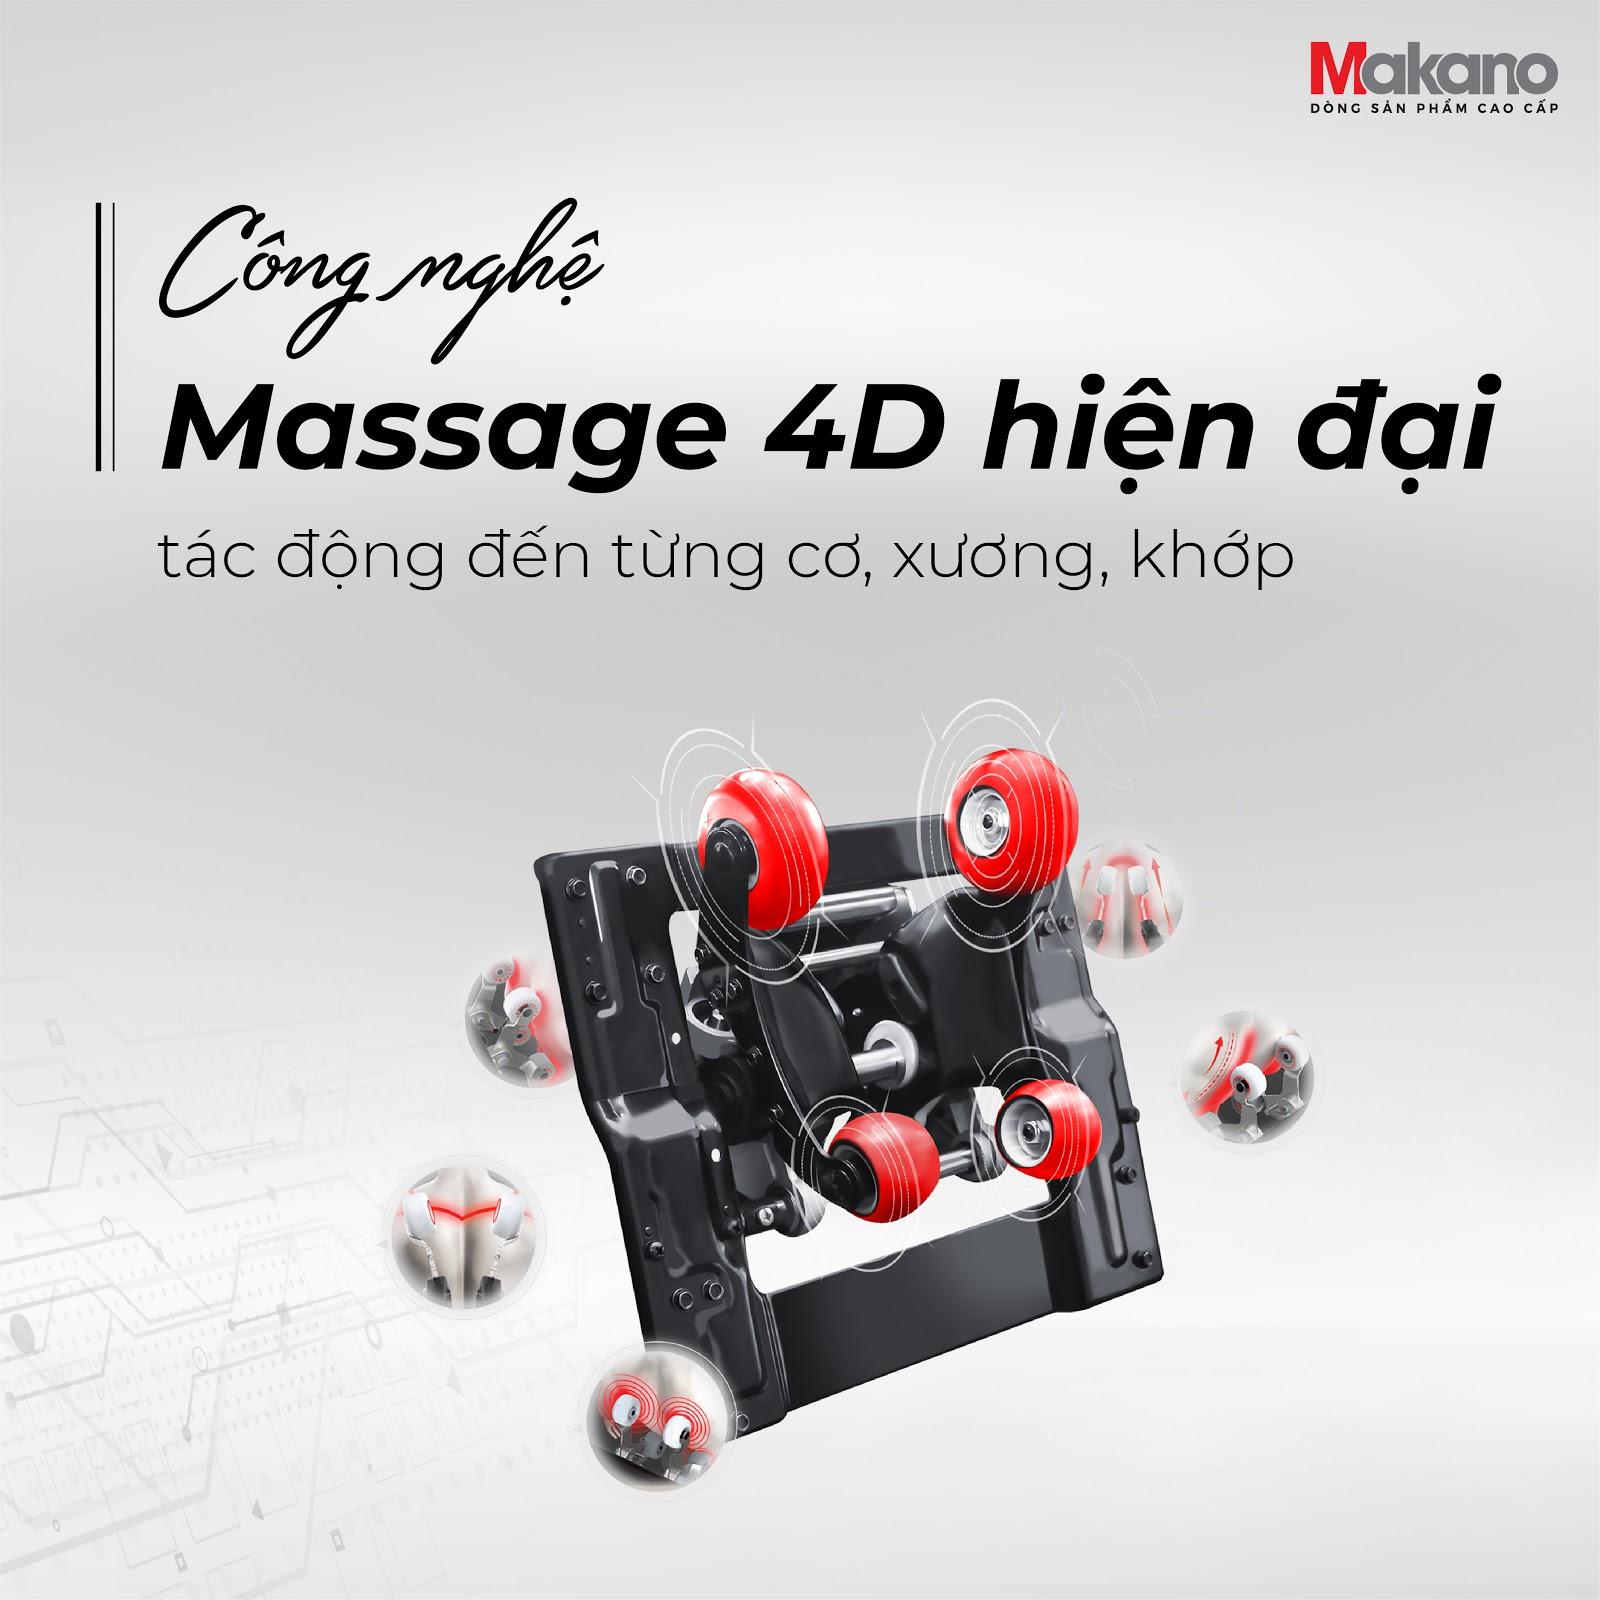 Công ghệ ghế massage cao nhất hiện nay sử dụng con lăn 4D